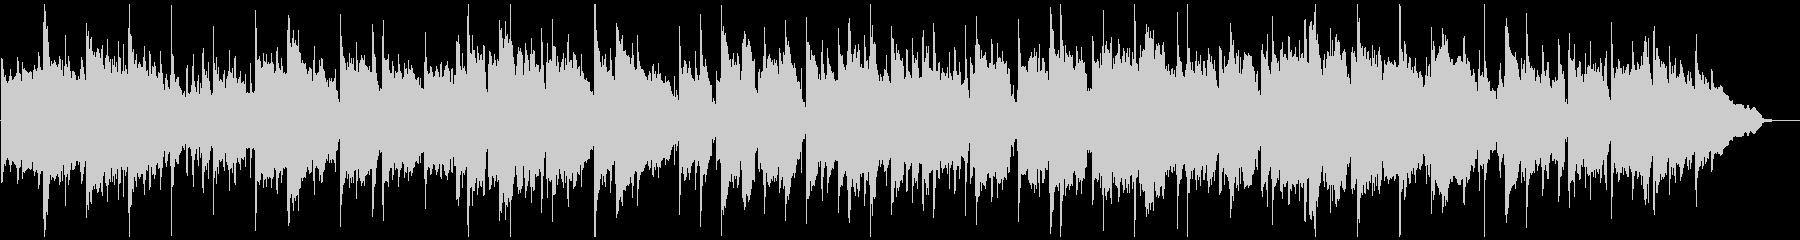 ノスタルジックな笛のリラクゼーション曲の未再生の波形